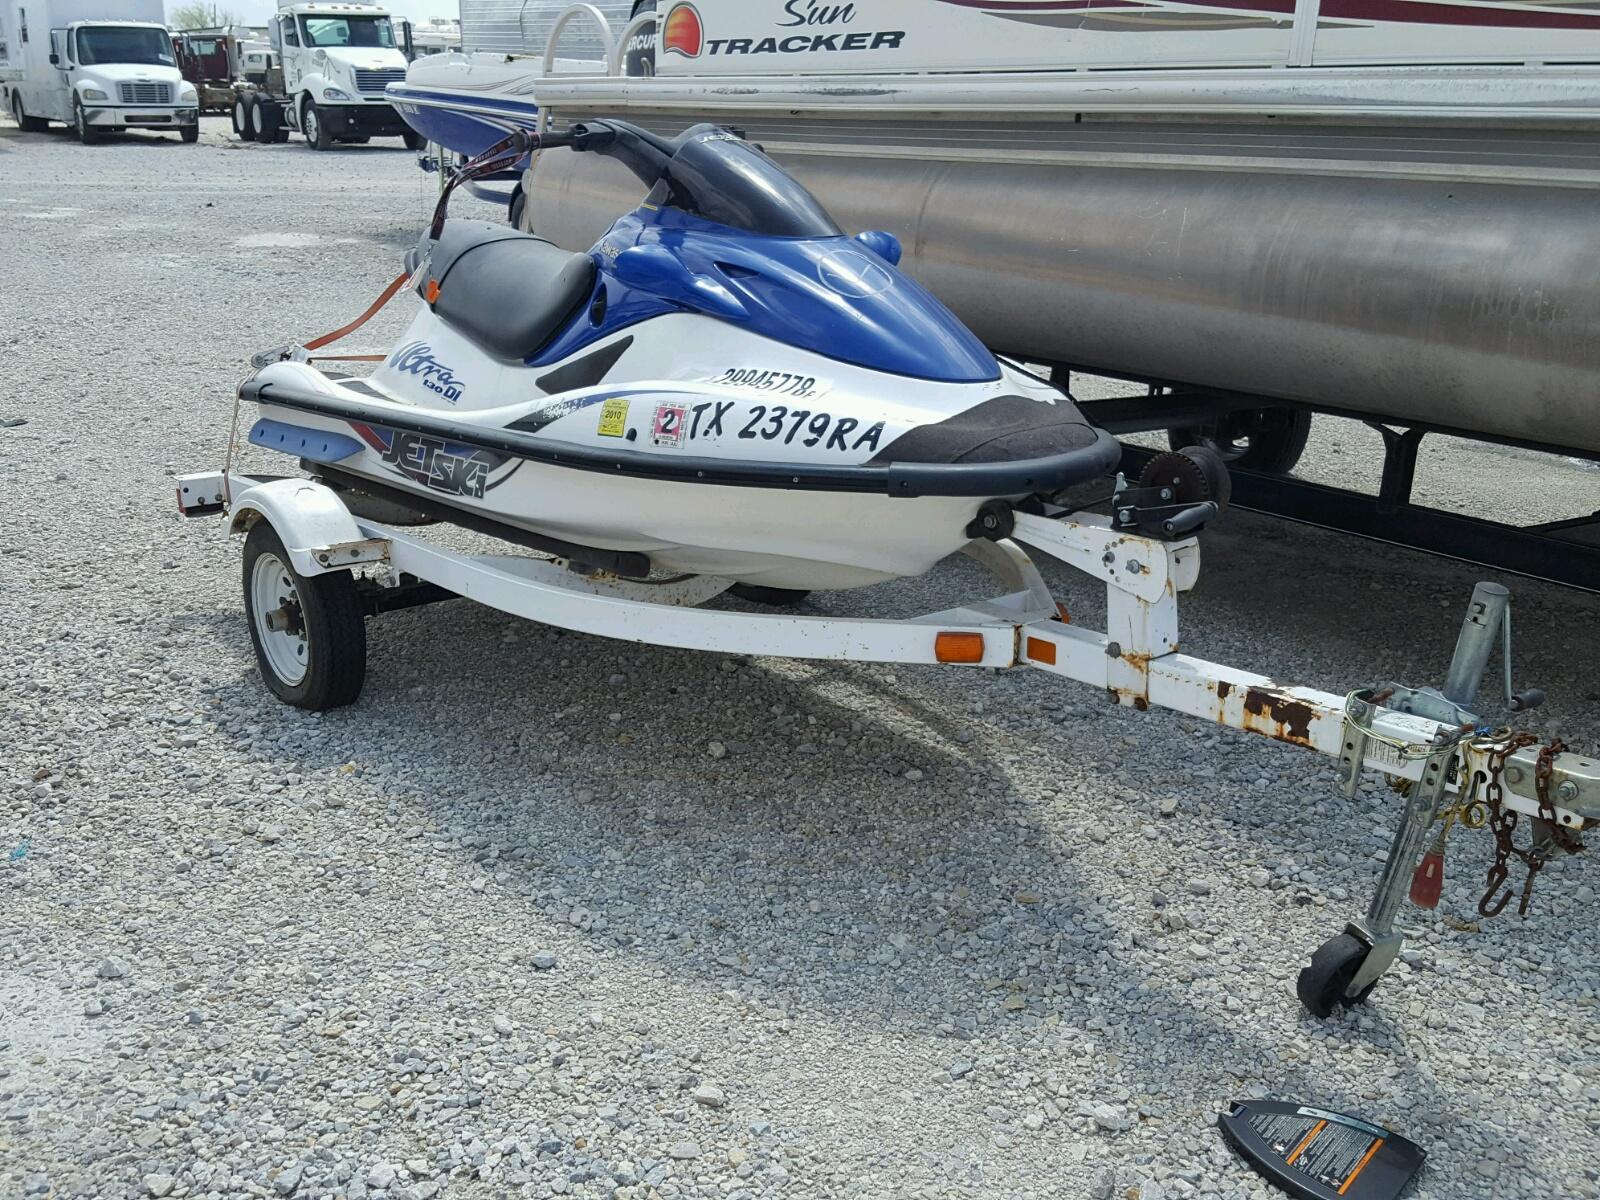 Salvage 2001 Kawasaki JETSKI for sale